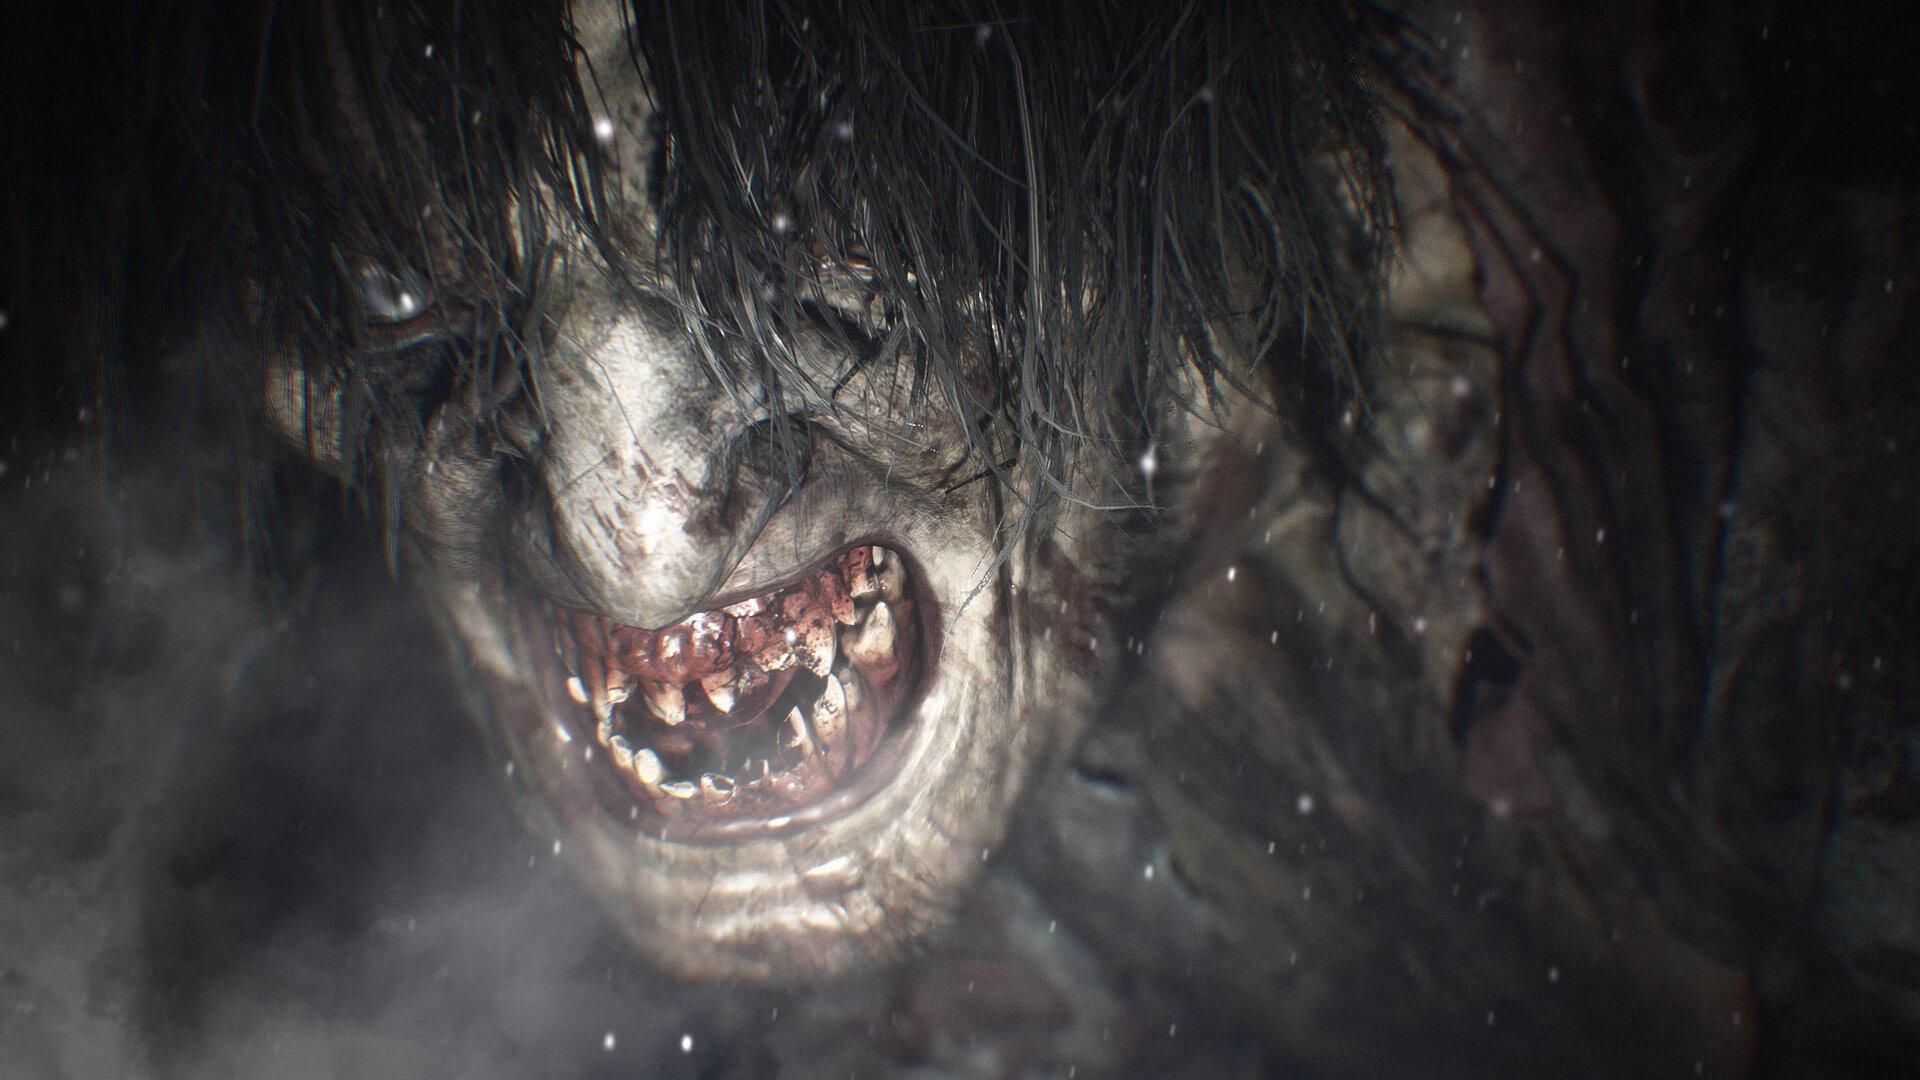 《生化危机8》即将迎来官方实机演示,游戏截图率先发布